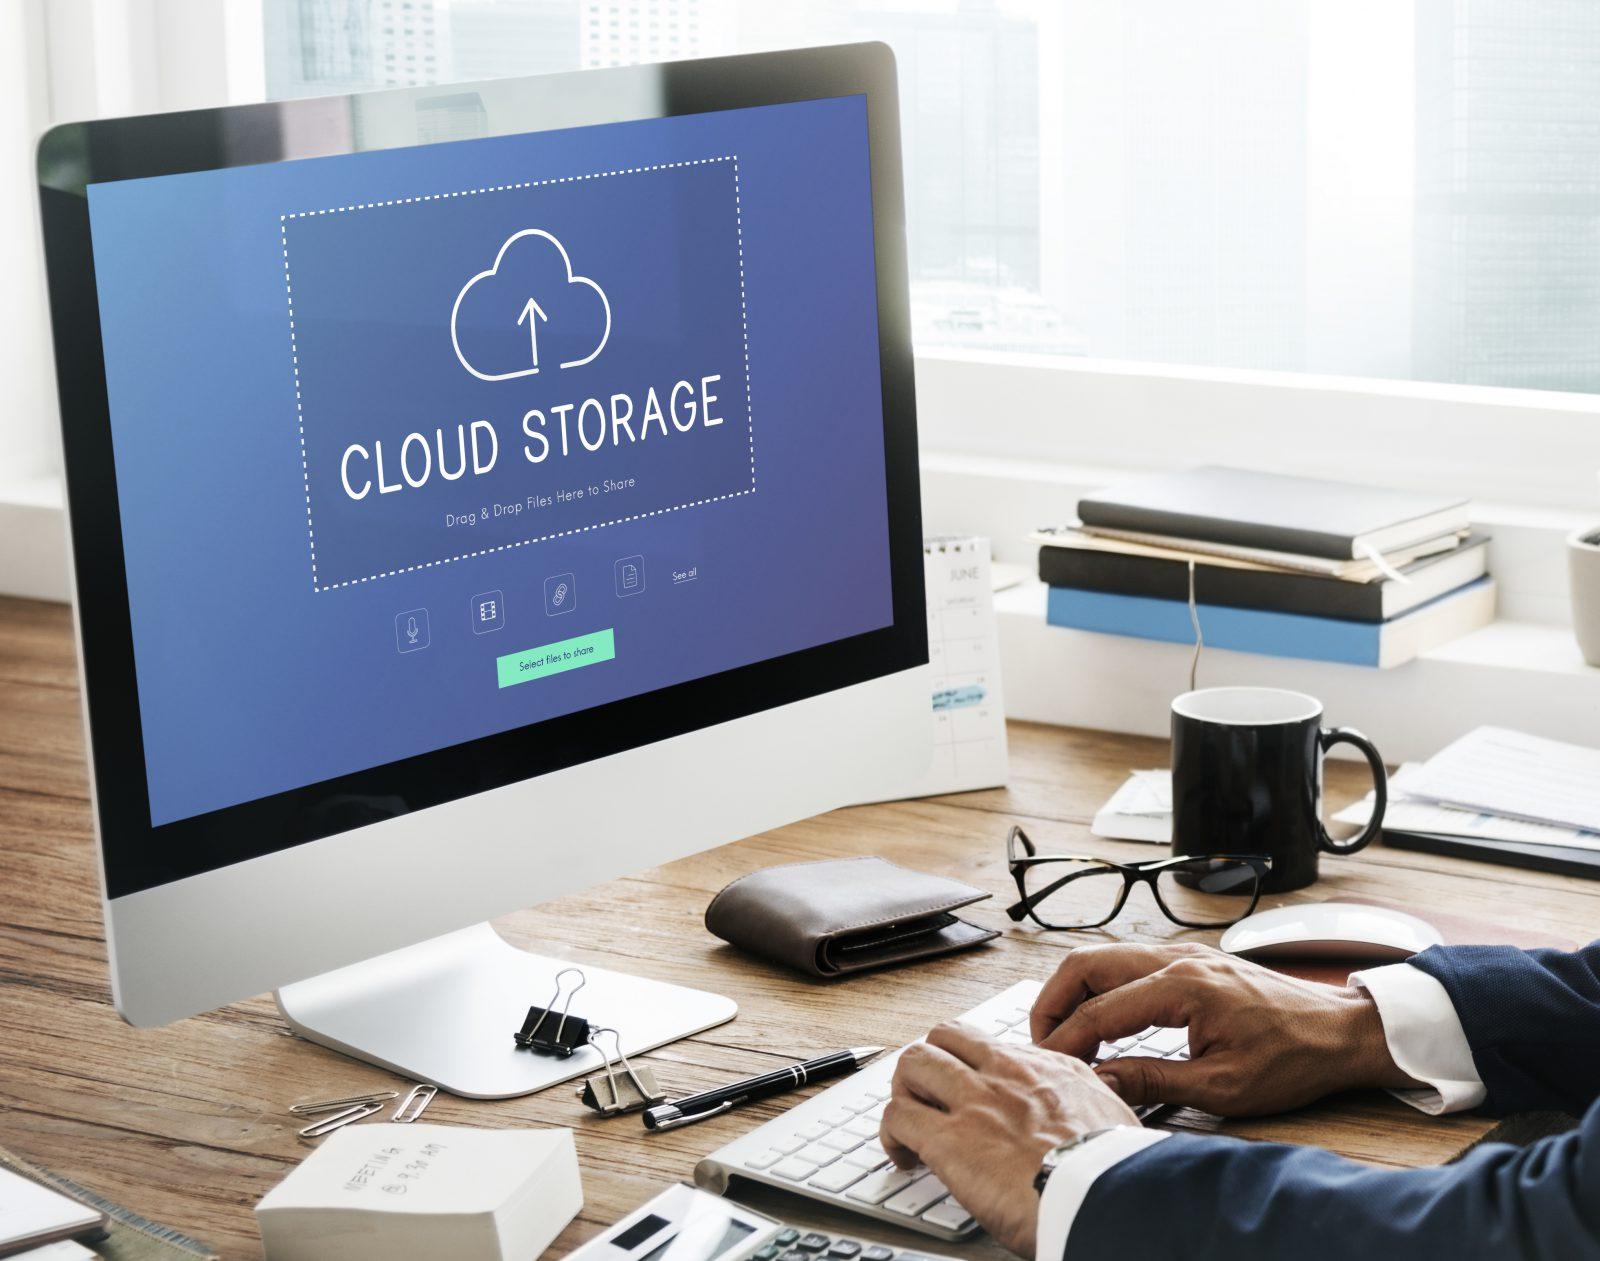 inteligencia-artificial-computador-data-nuvem